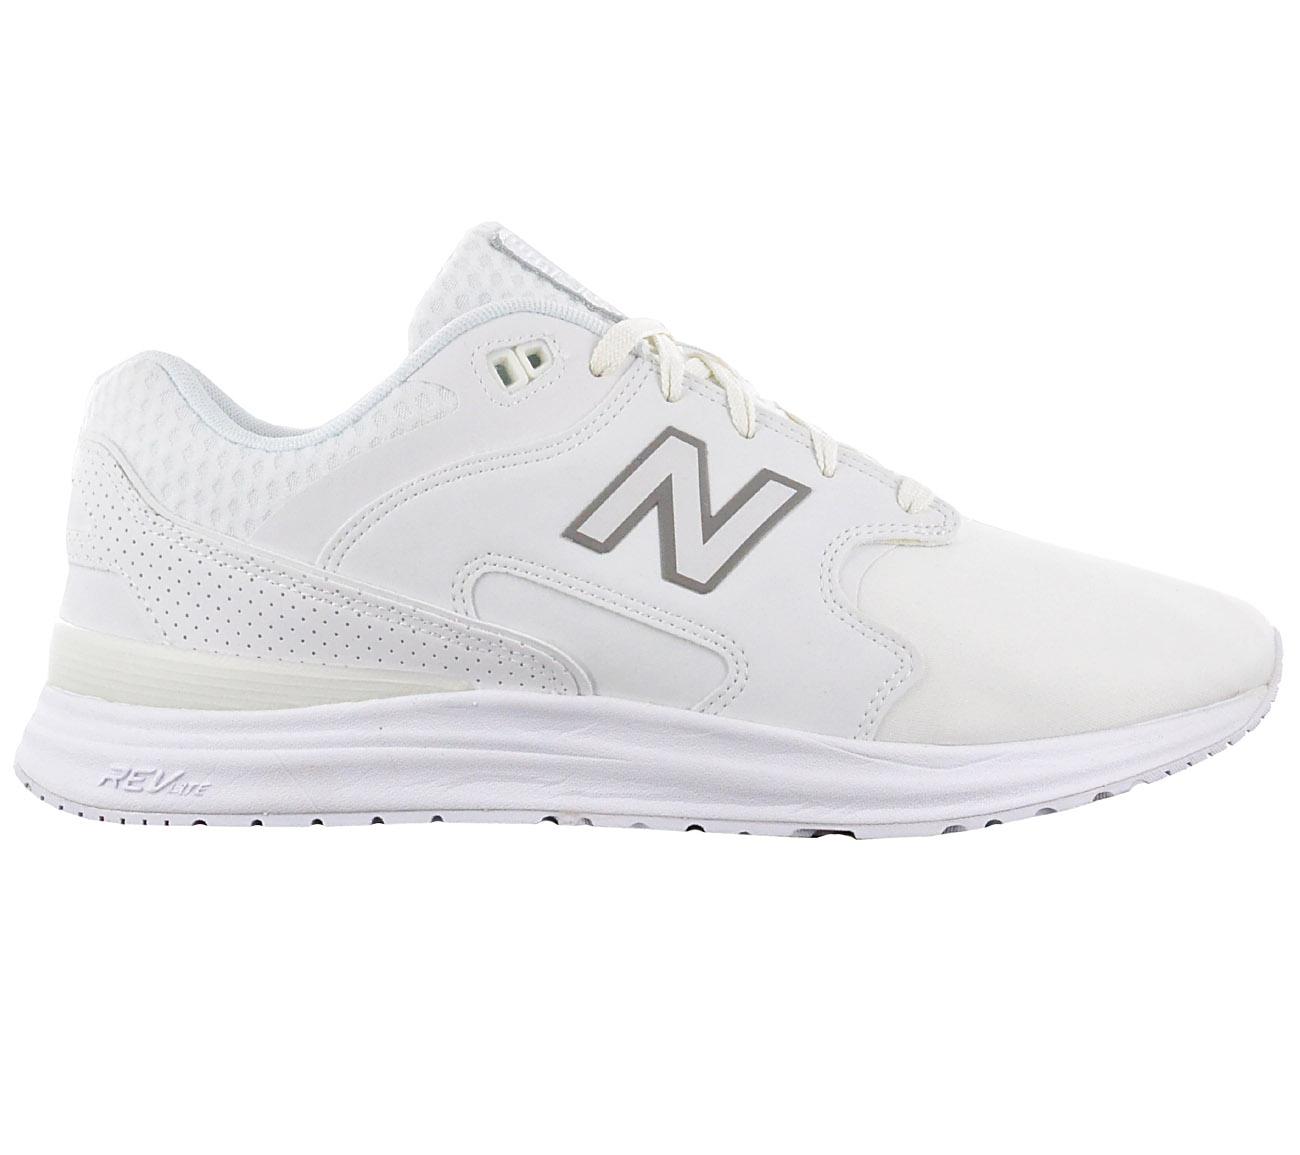 New Balance 1550 Sneaker Herren Schuhe Freizeit Turnschuhe REVlite NEU ML1550